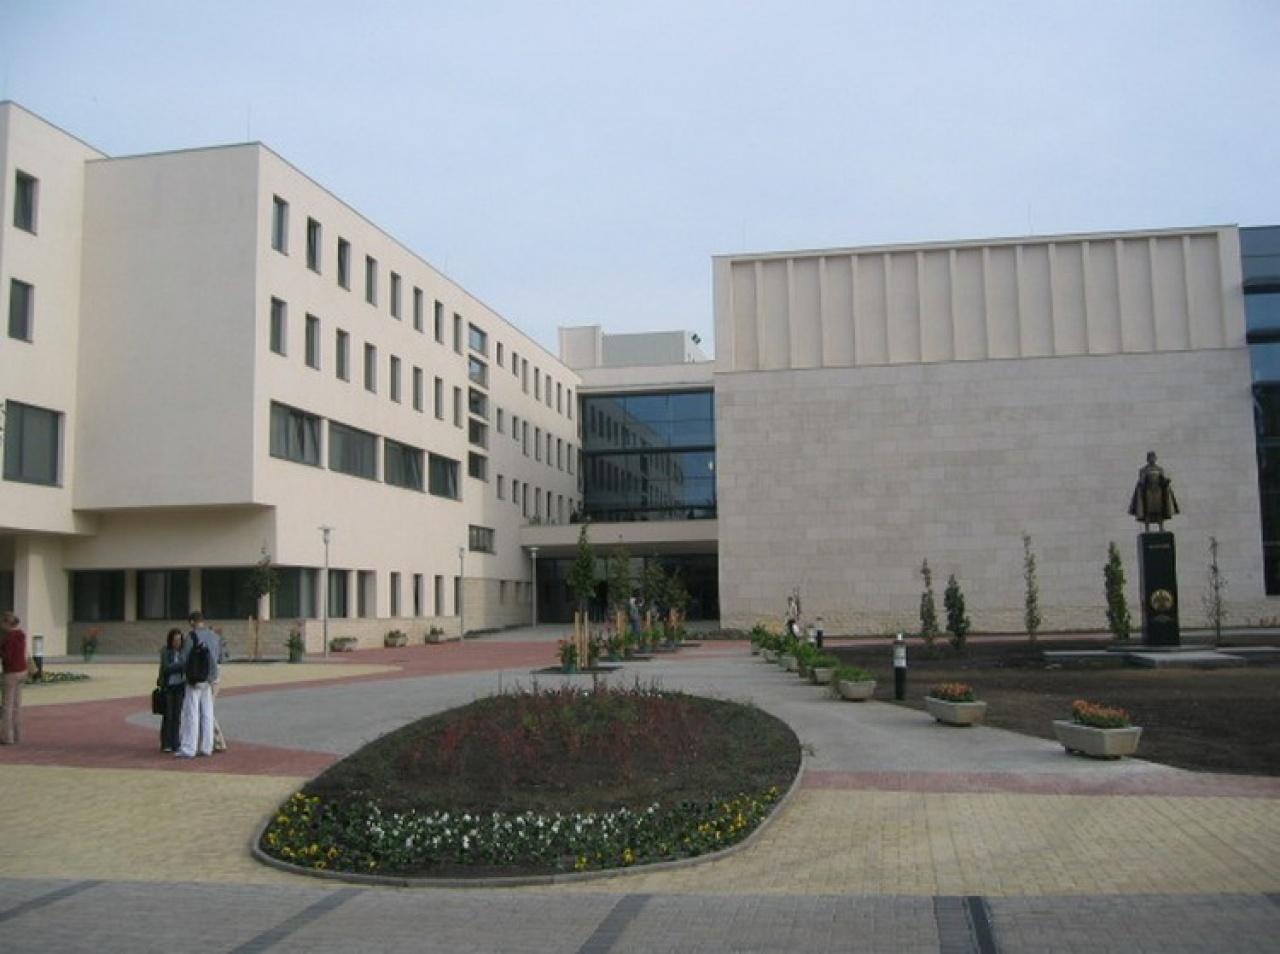 Növekvő ösztöndíjak – A Nyíregyházi Egyetem négyezer hallgatóját is érinti a változás